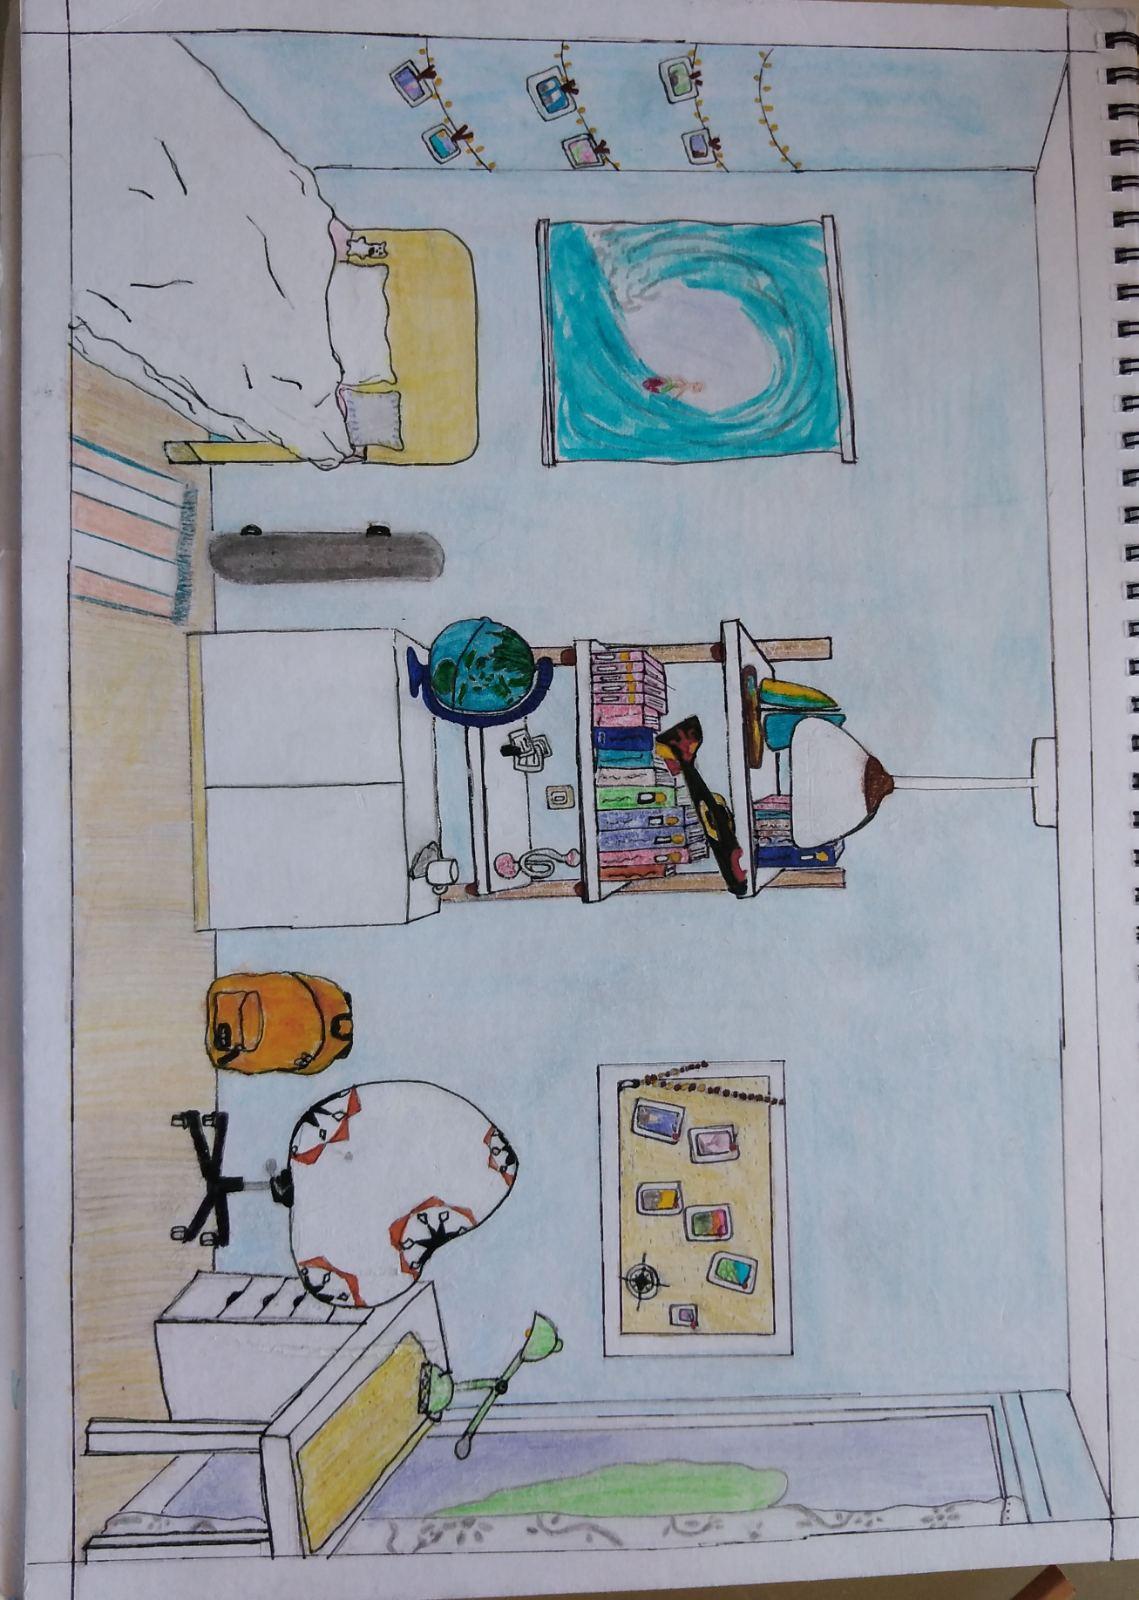 Οι μαθητές της Γ' Γυμνασίου εκφράζονται μέσω της τέχνης κατά τη περίοδο του εγκλεισμού-31